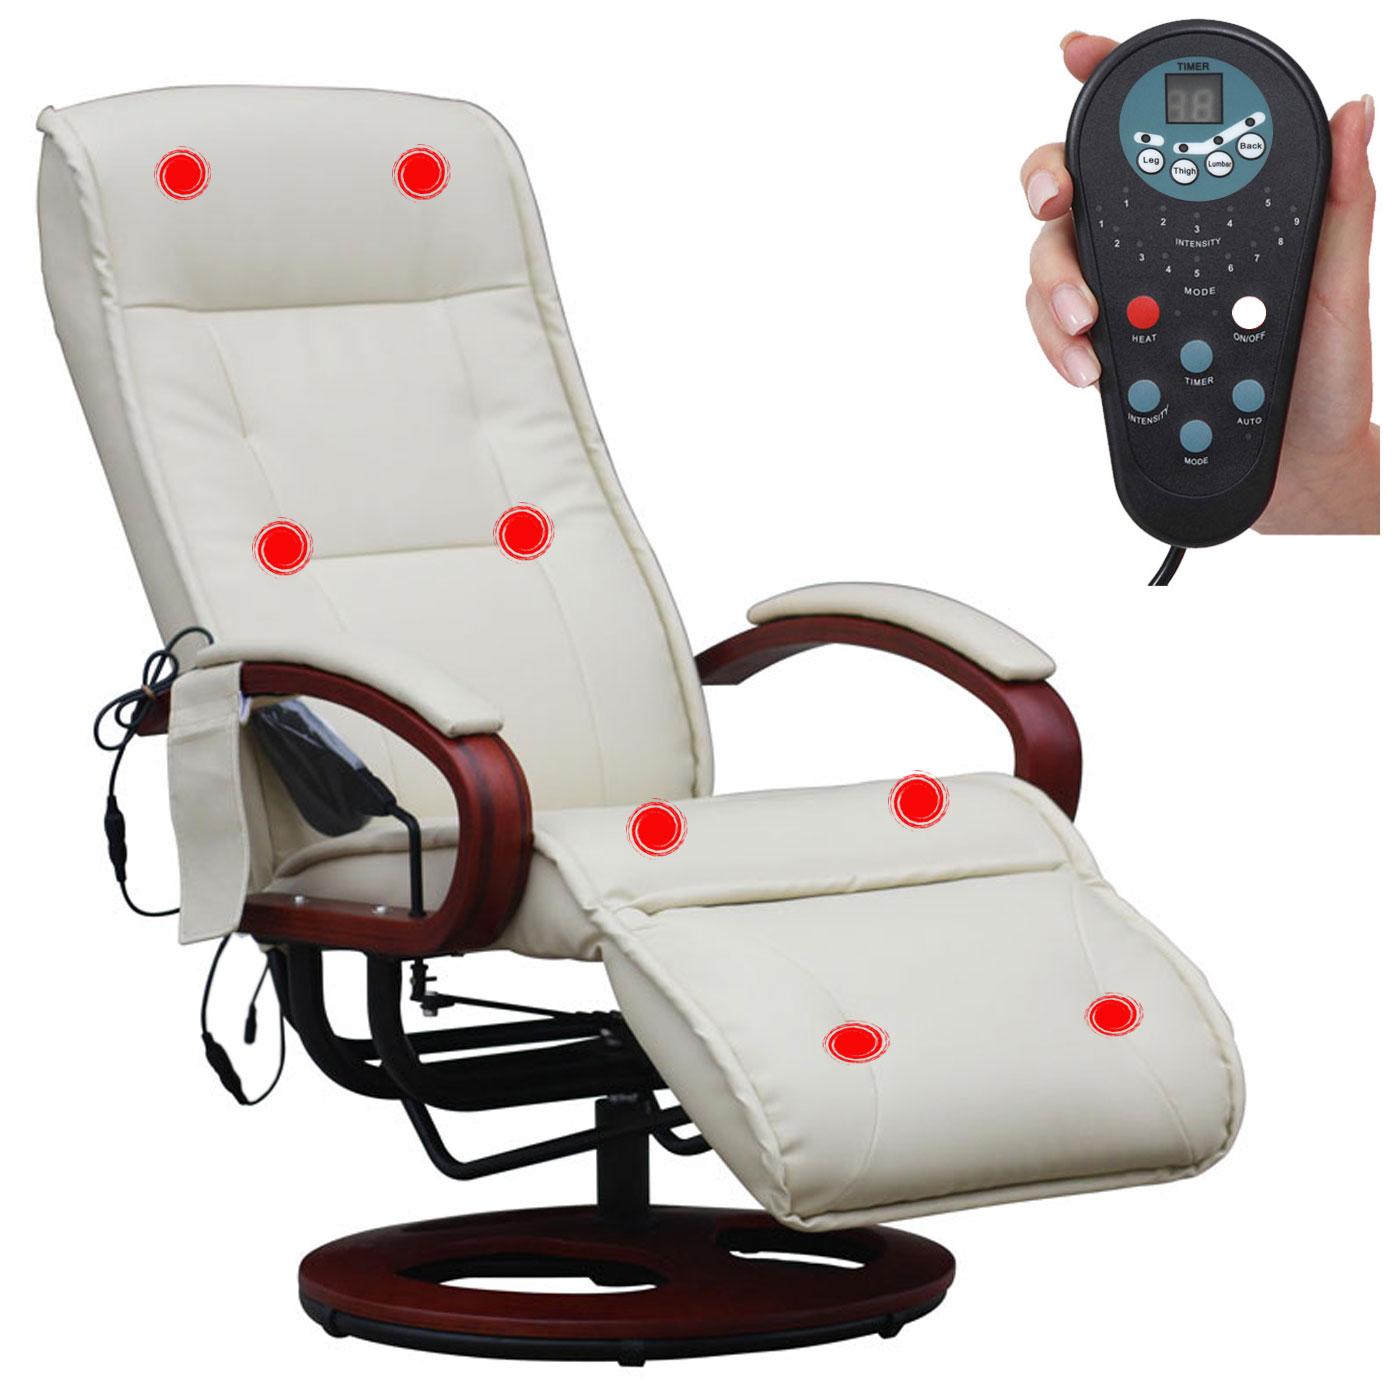 Poltrone Relax Massaggio Prezzi.Arredo Oggi Lo Shop Online Per L Arredamento E Il Design A Prezzi